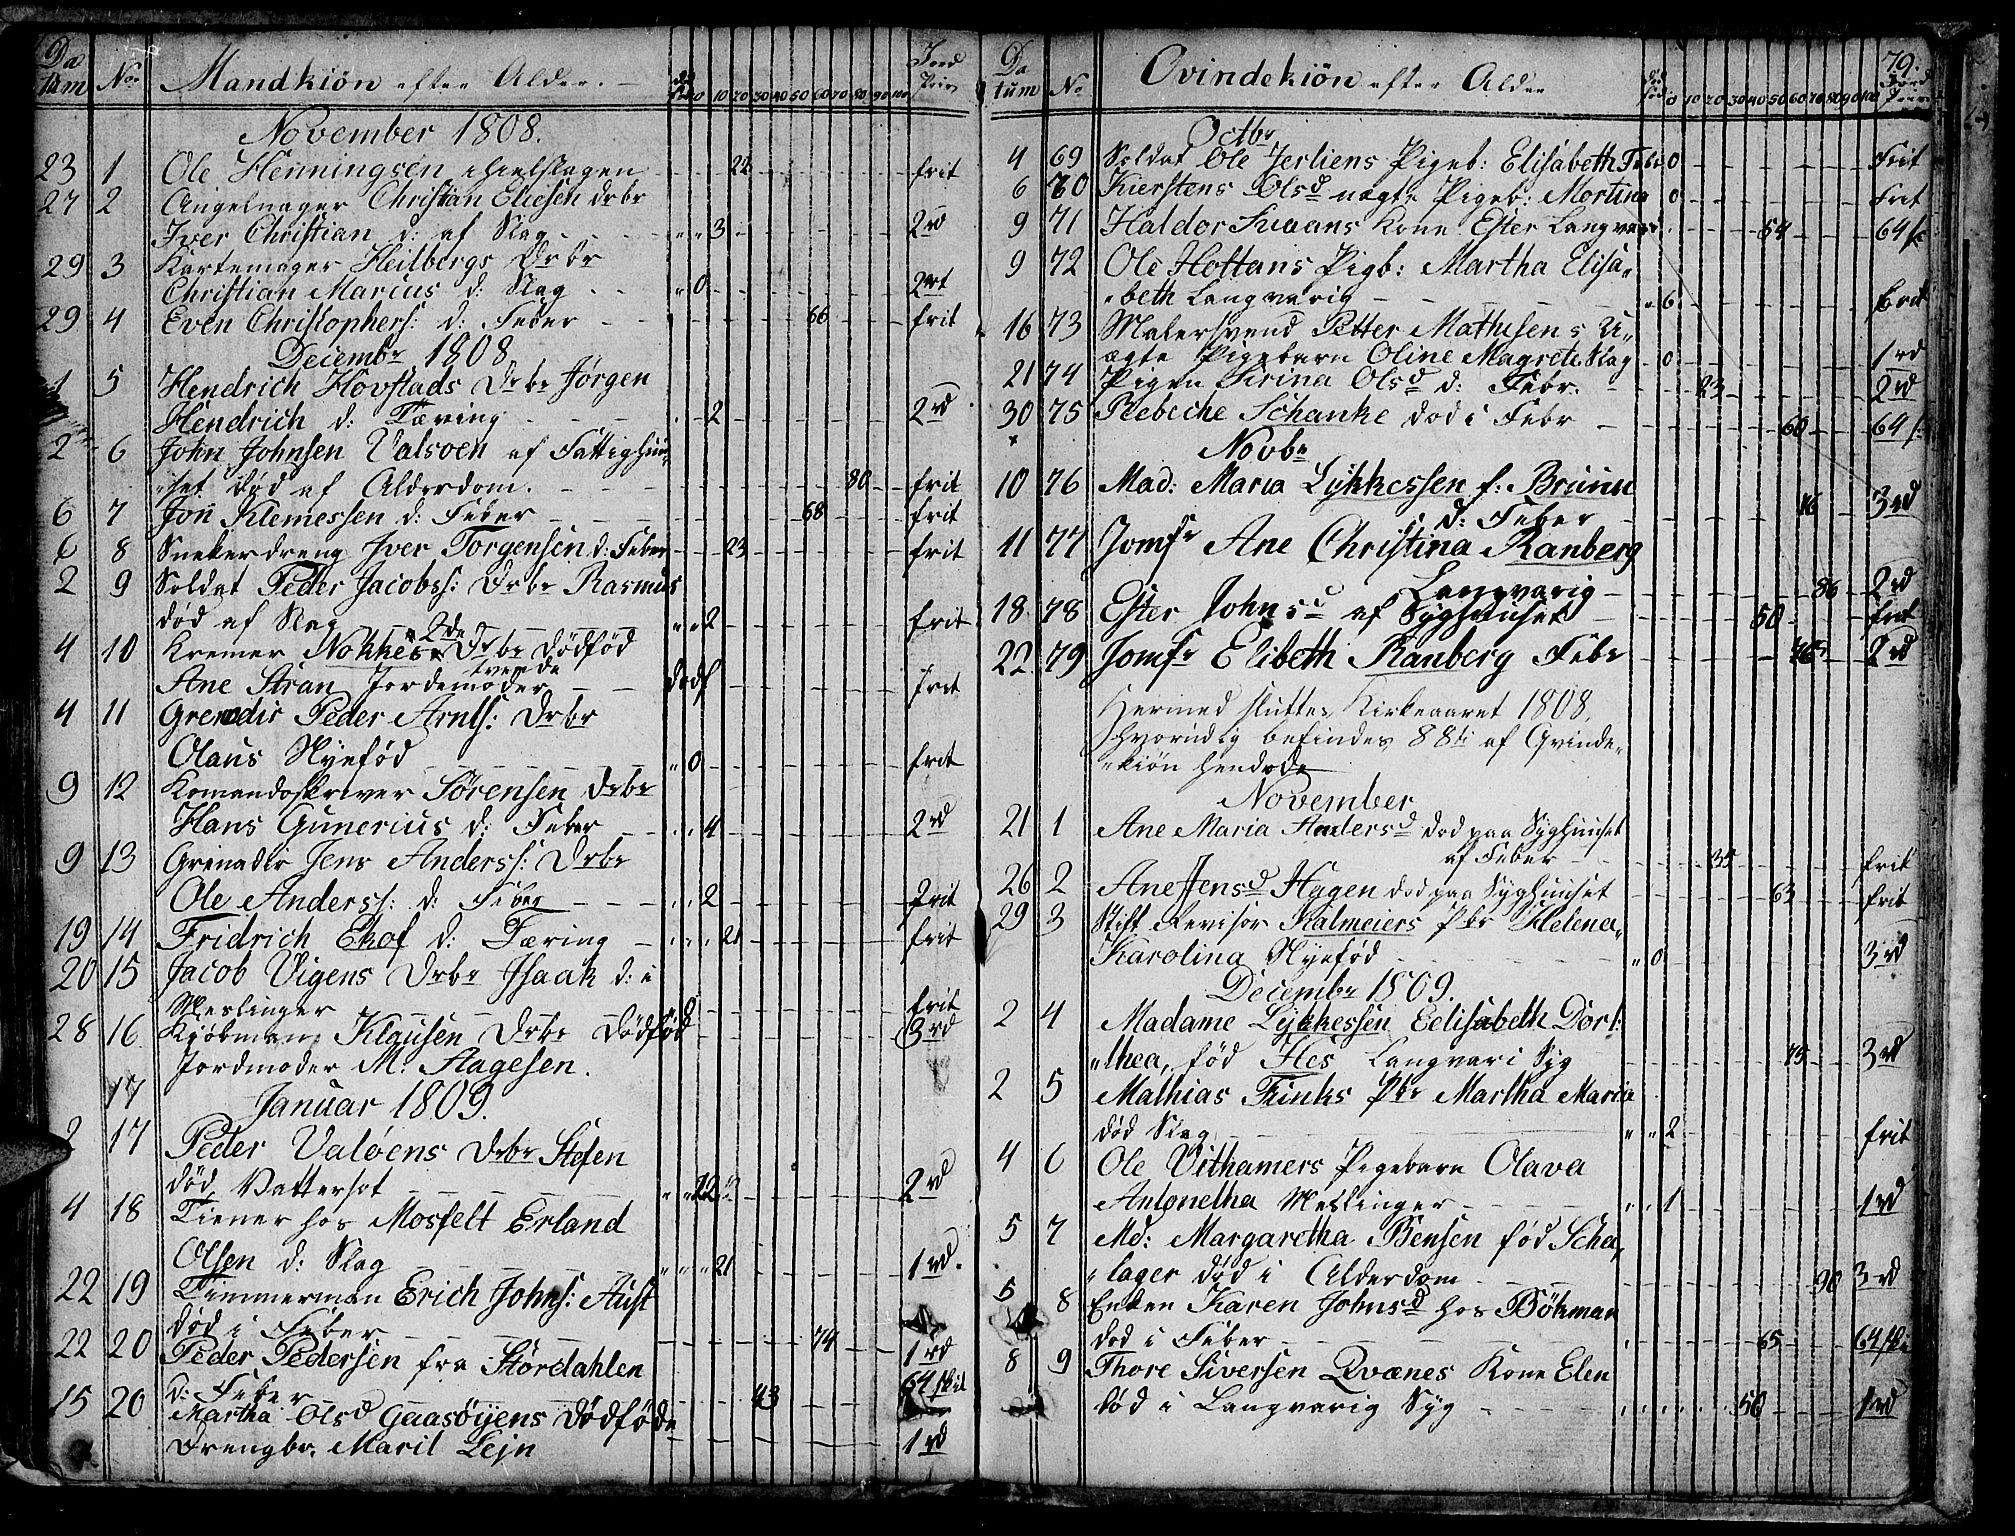 SAT, Ministerialprotokoller, klokkerbøker og fødselsregistre - Sør-Trøndelag, 601/L0040: Ministerialbok nr. 601A08, 1783-1818, s. 79